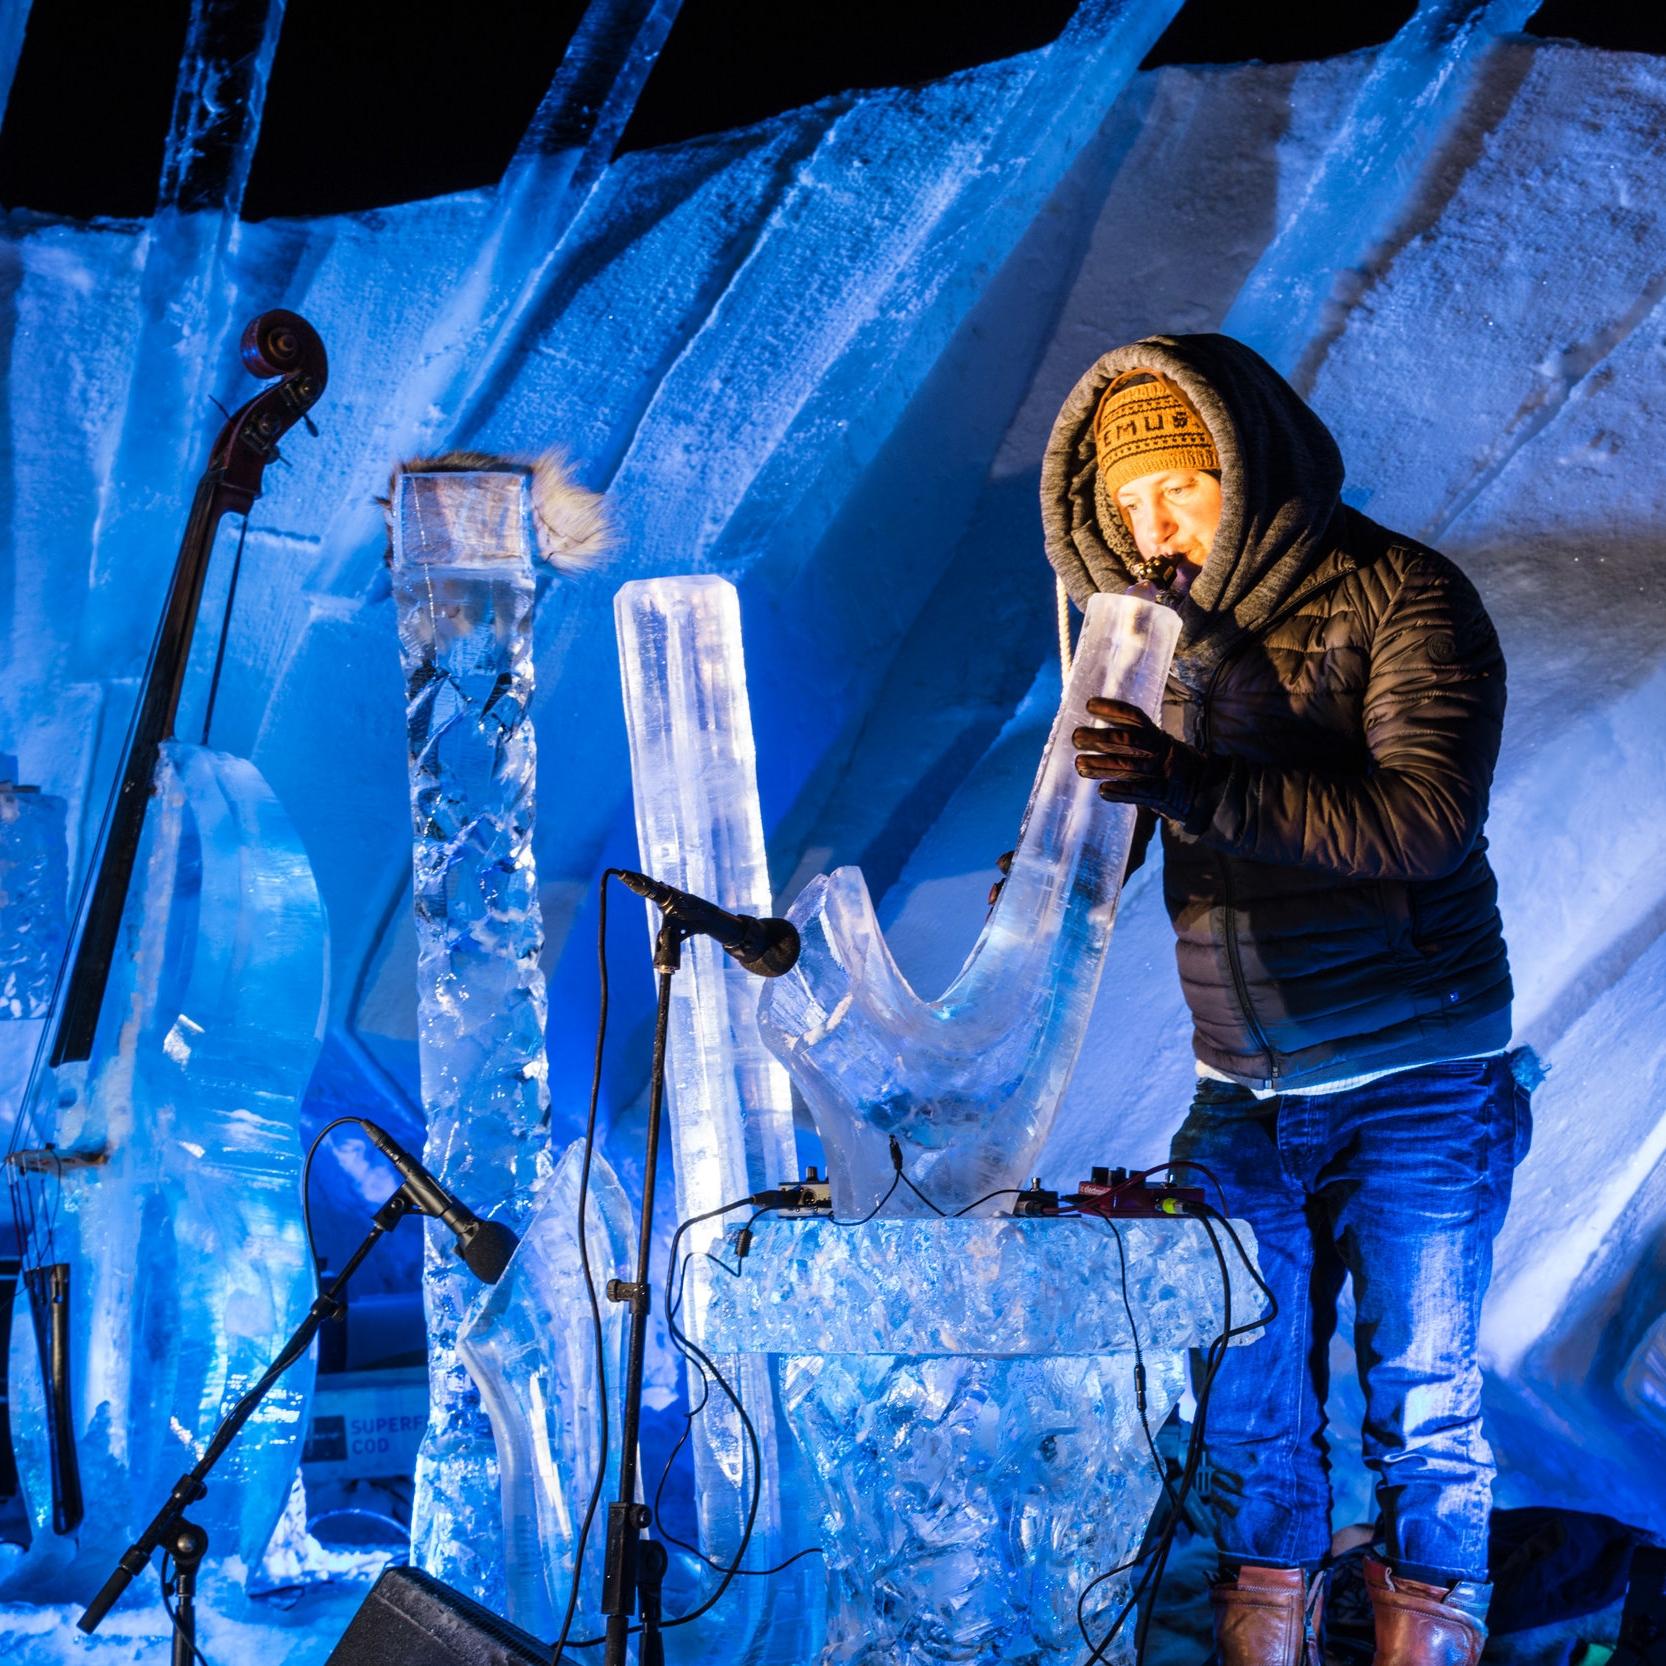 Alle musikere blir utfordret til det ytterste, hva gjelder å beherske de nye instrumentene, laget av frorsset vann.